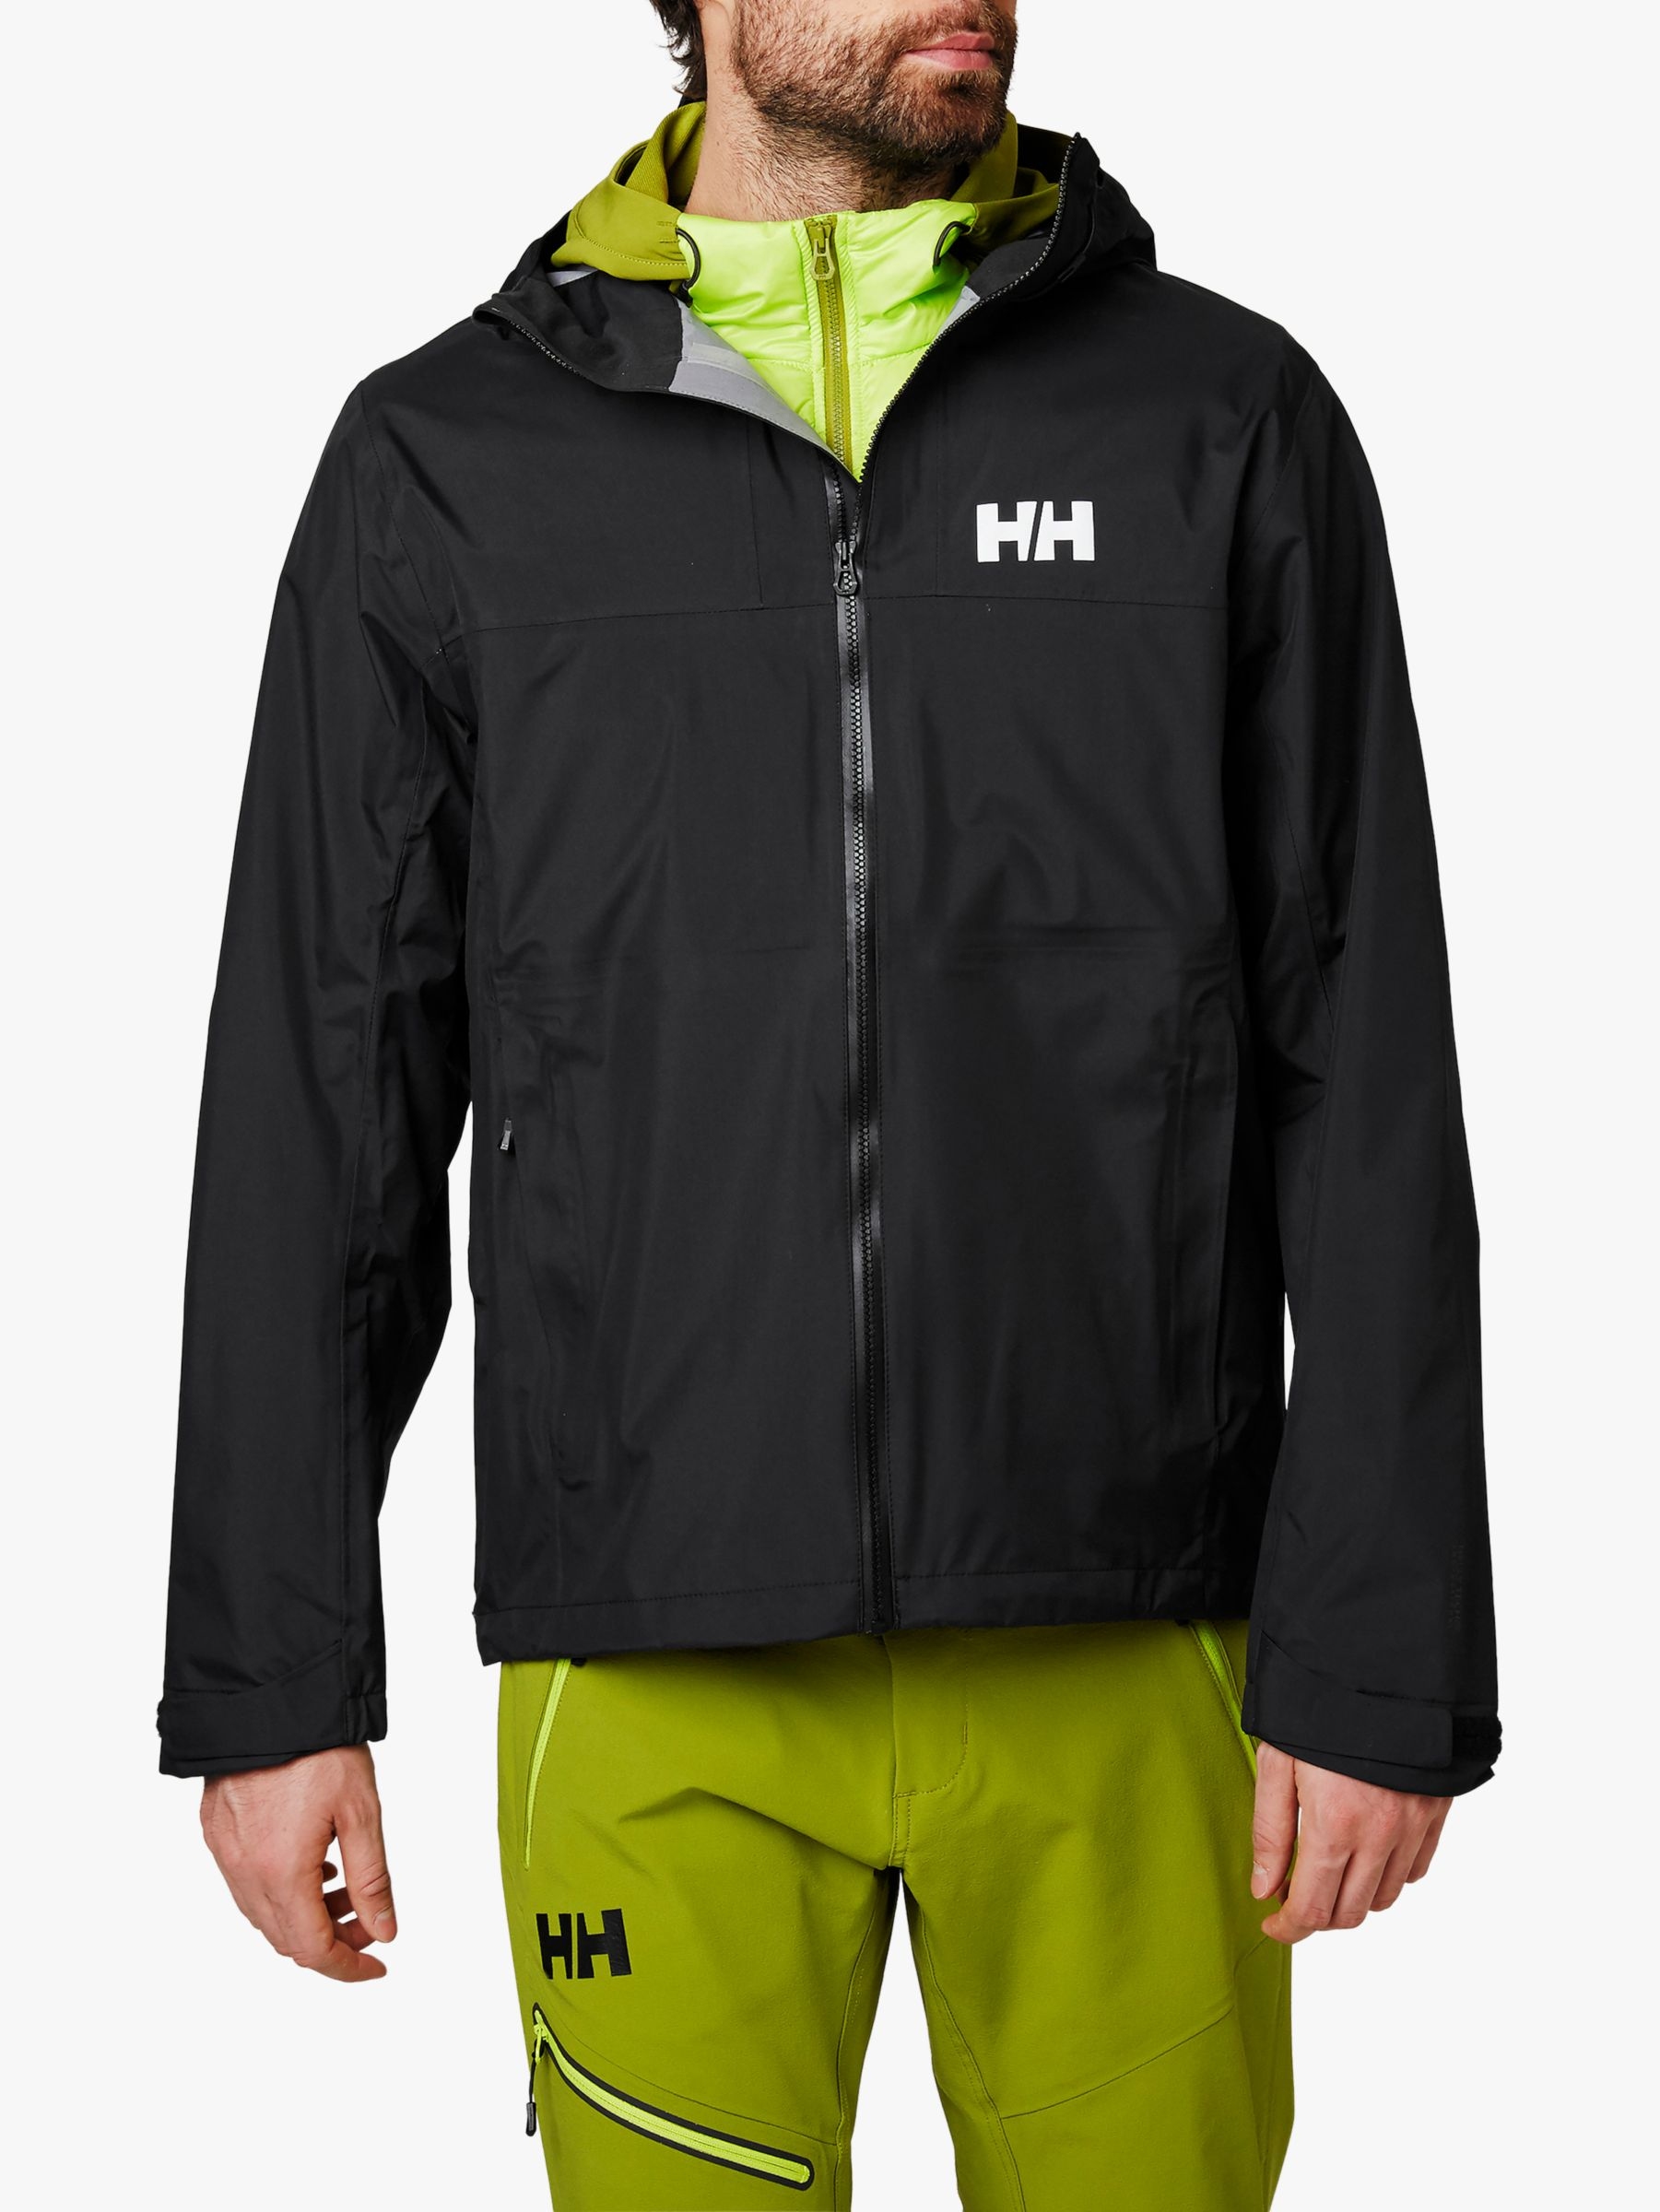 Helly Hansen Helly Hansen Vanir Slidr Waterproof Jacket, North Sea Blue